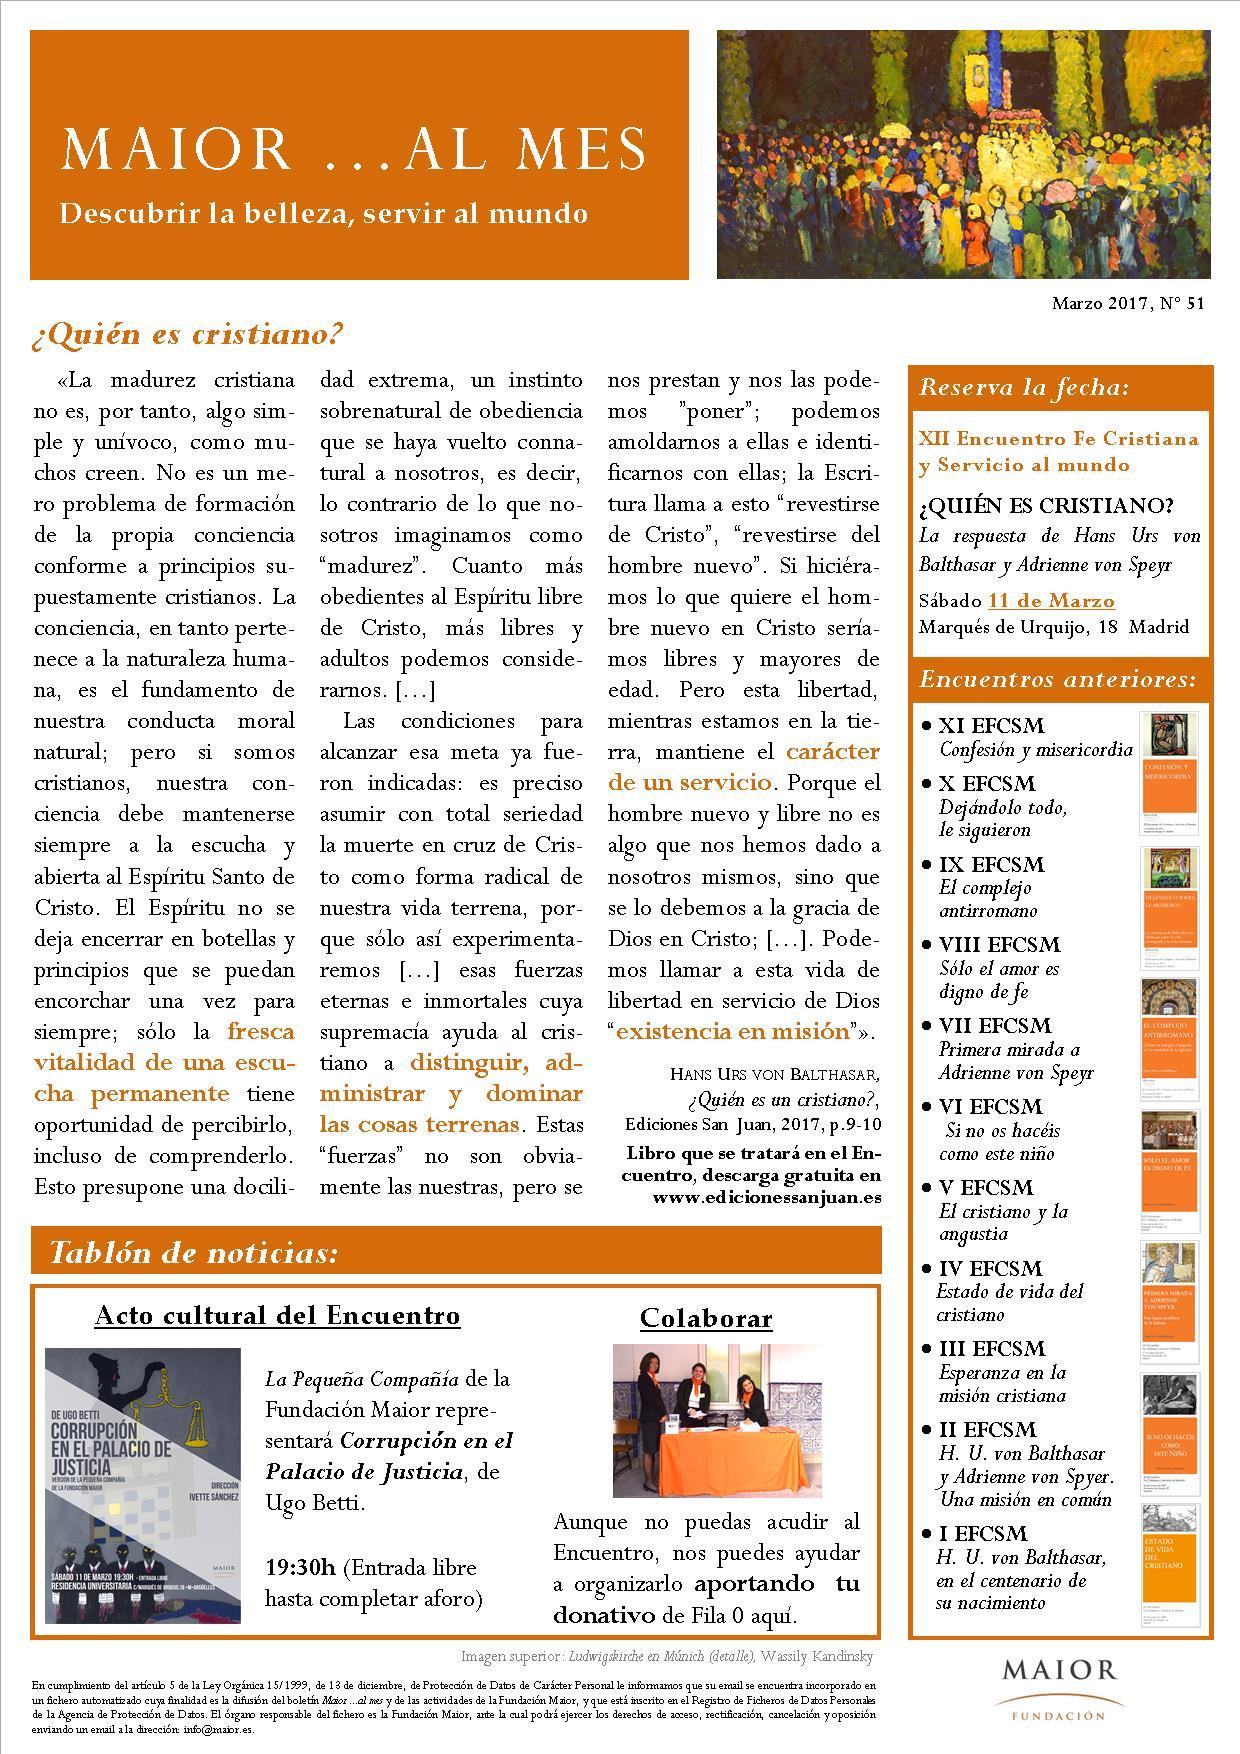 Boletín mensual de noticias y actividades de la Fundación Maior. Edición de marzo 2017